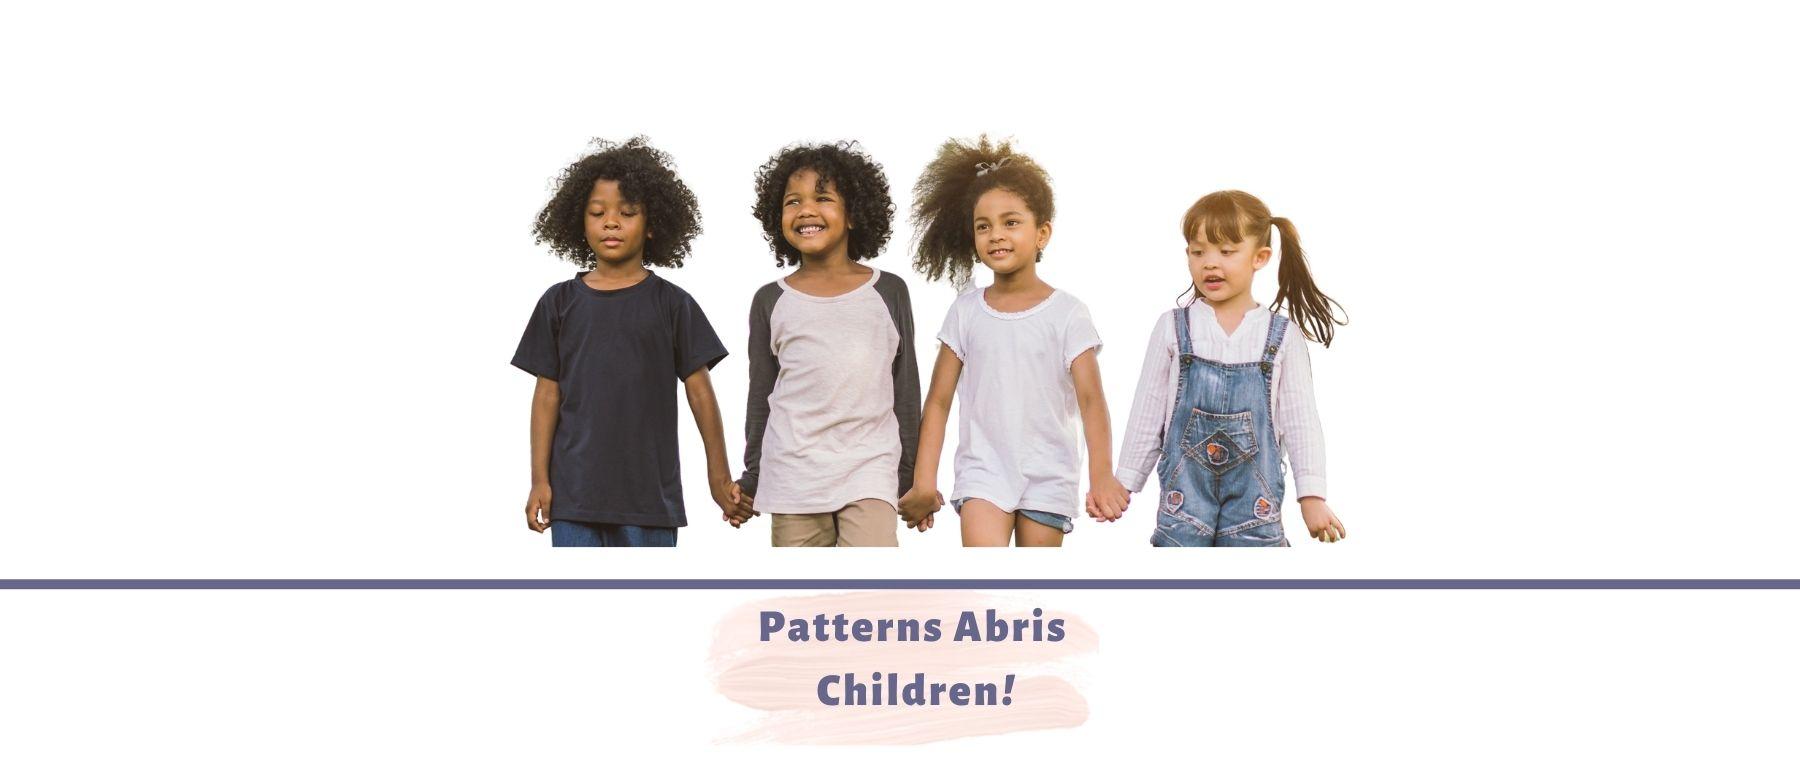 Модели для +детей и +Выкройки, Лекала +детской +одежды, Готовые +Выкройки для +детей, Купить +детские +Выкройки, Детские +Выкройки, Выкройки +мальчикам, Выкройки +девочкам